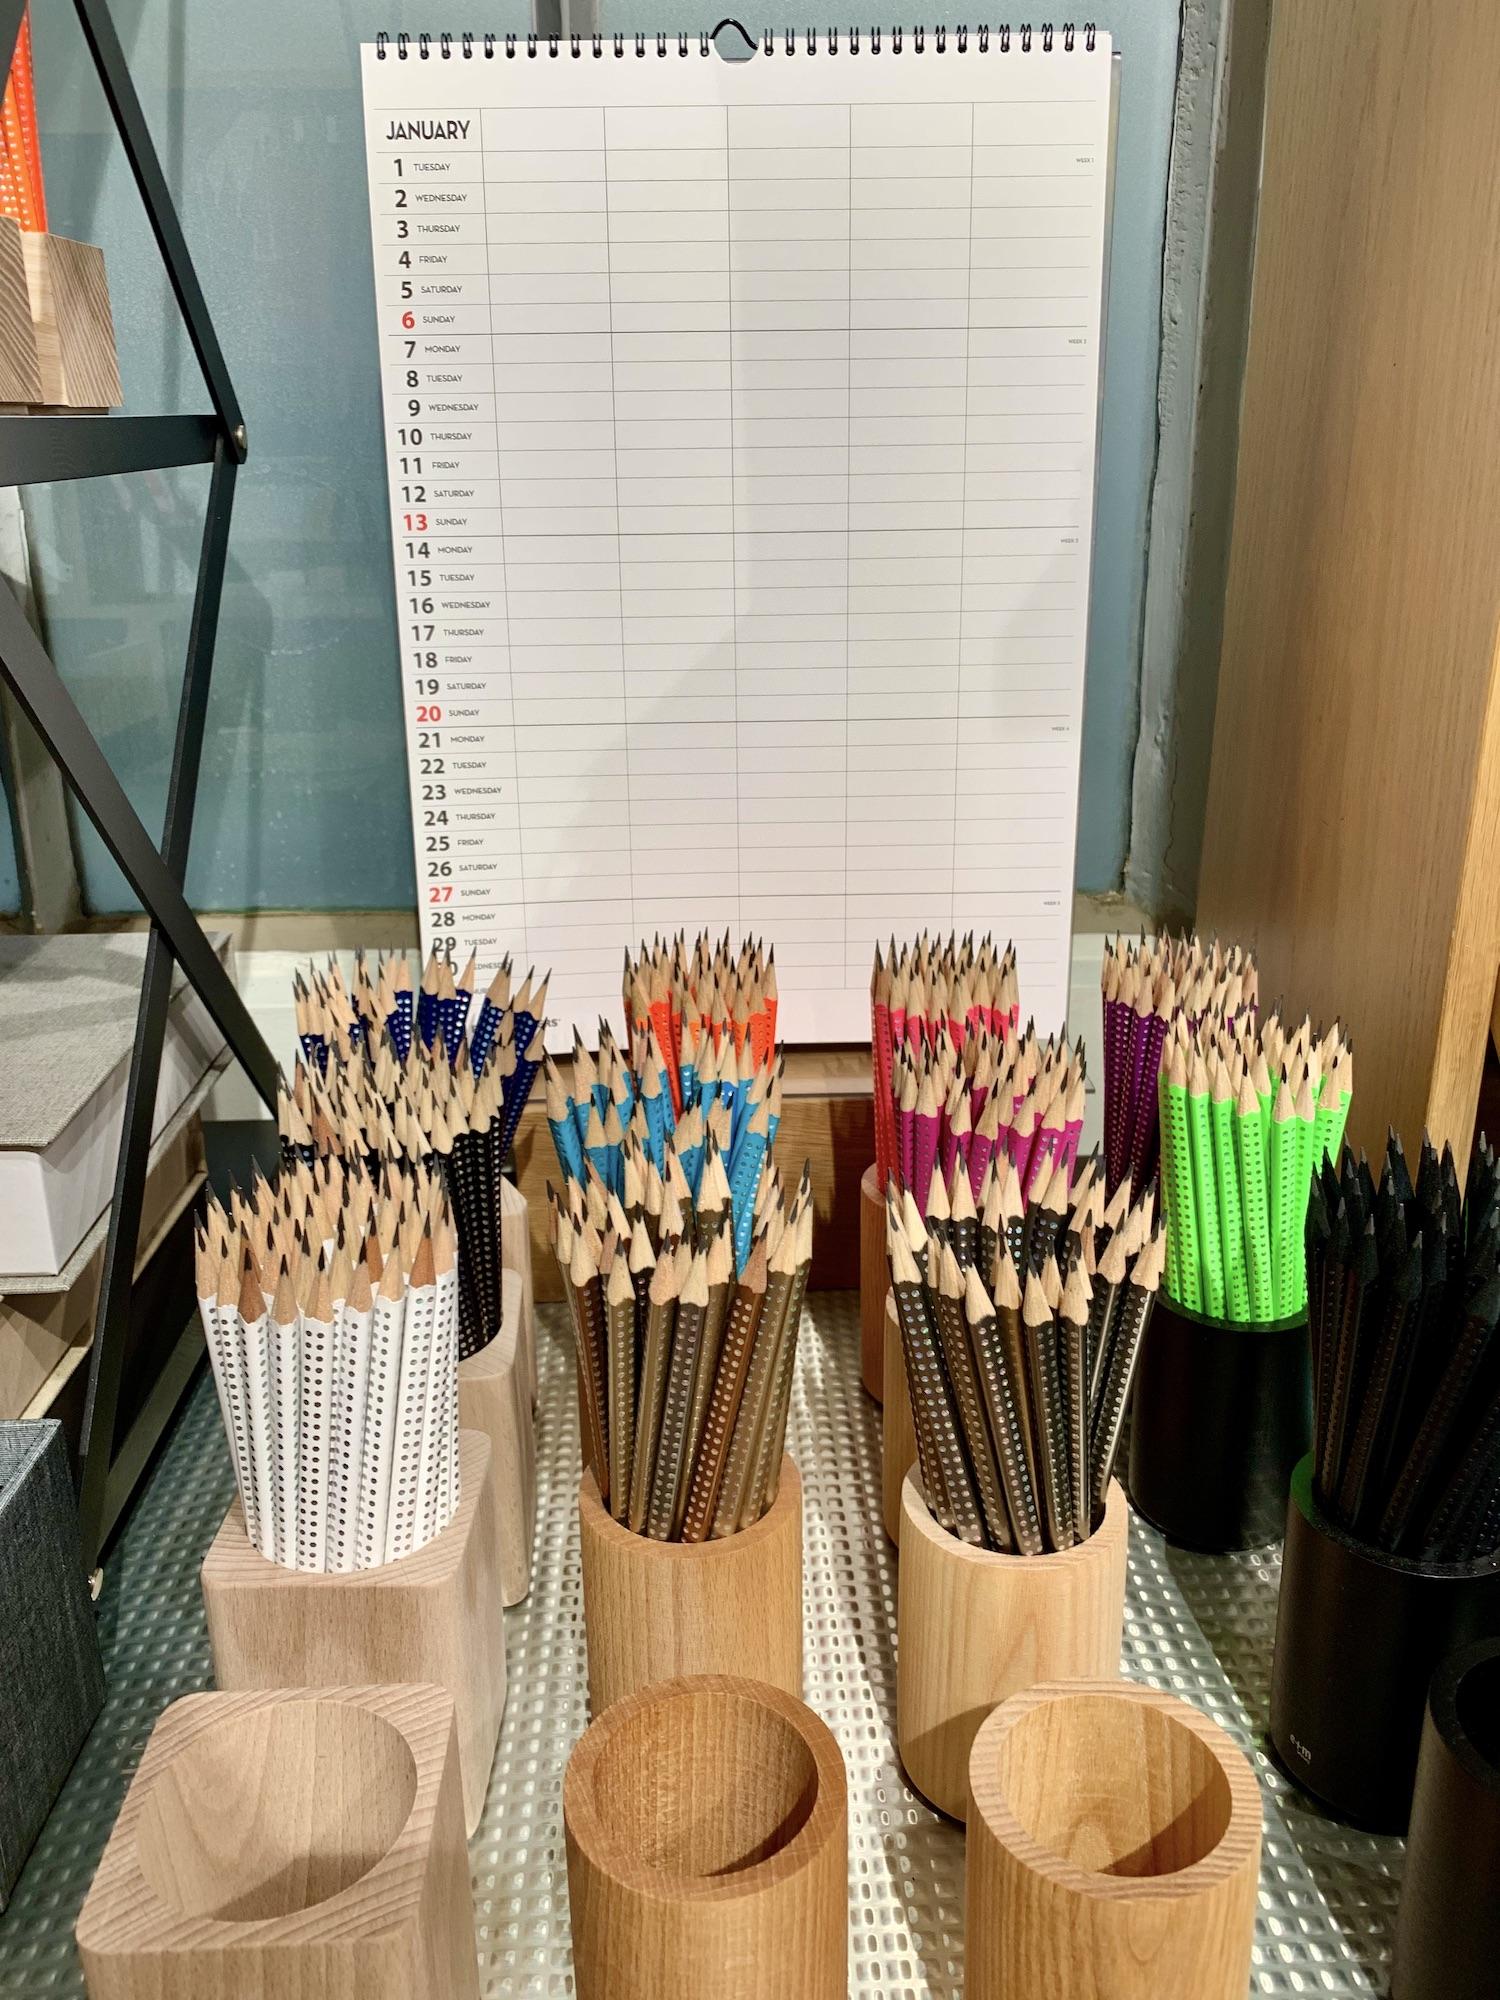 Bookbinders Design Pencils Rue du Bac